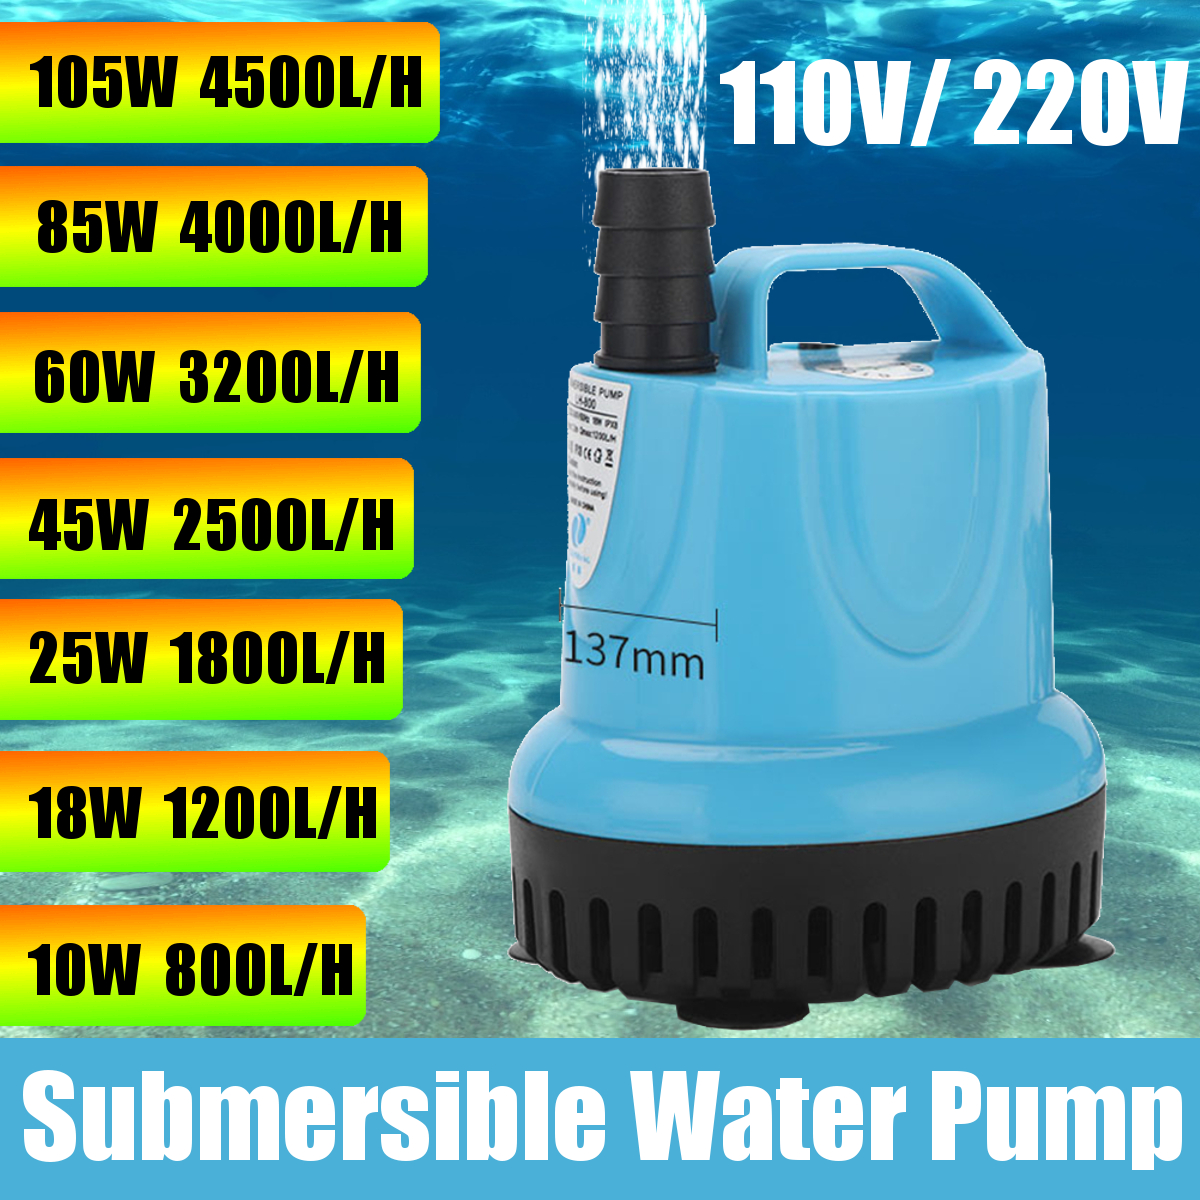 10/18/25/45/60/85/105W Dompelpomp 800-4500L/H 220V Aquarium Fish Pond Tank Uitloop Marin Temperatuurregeling Schoon